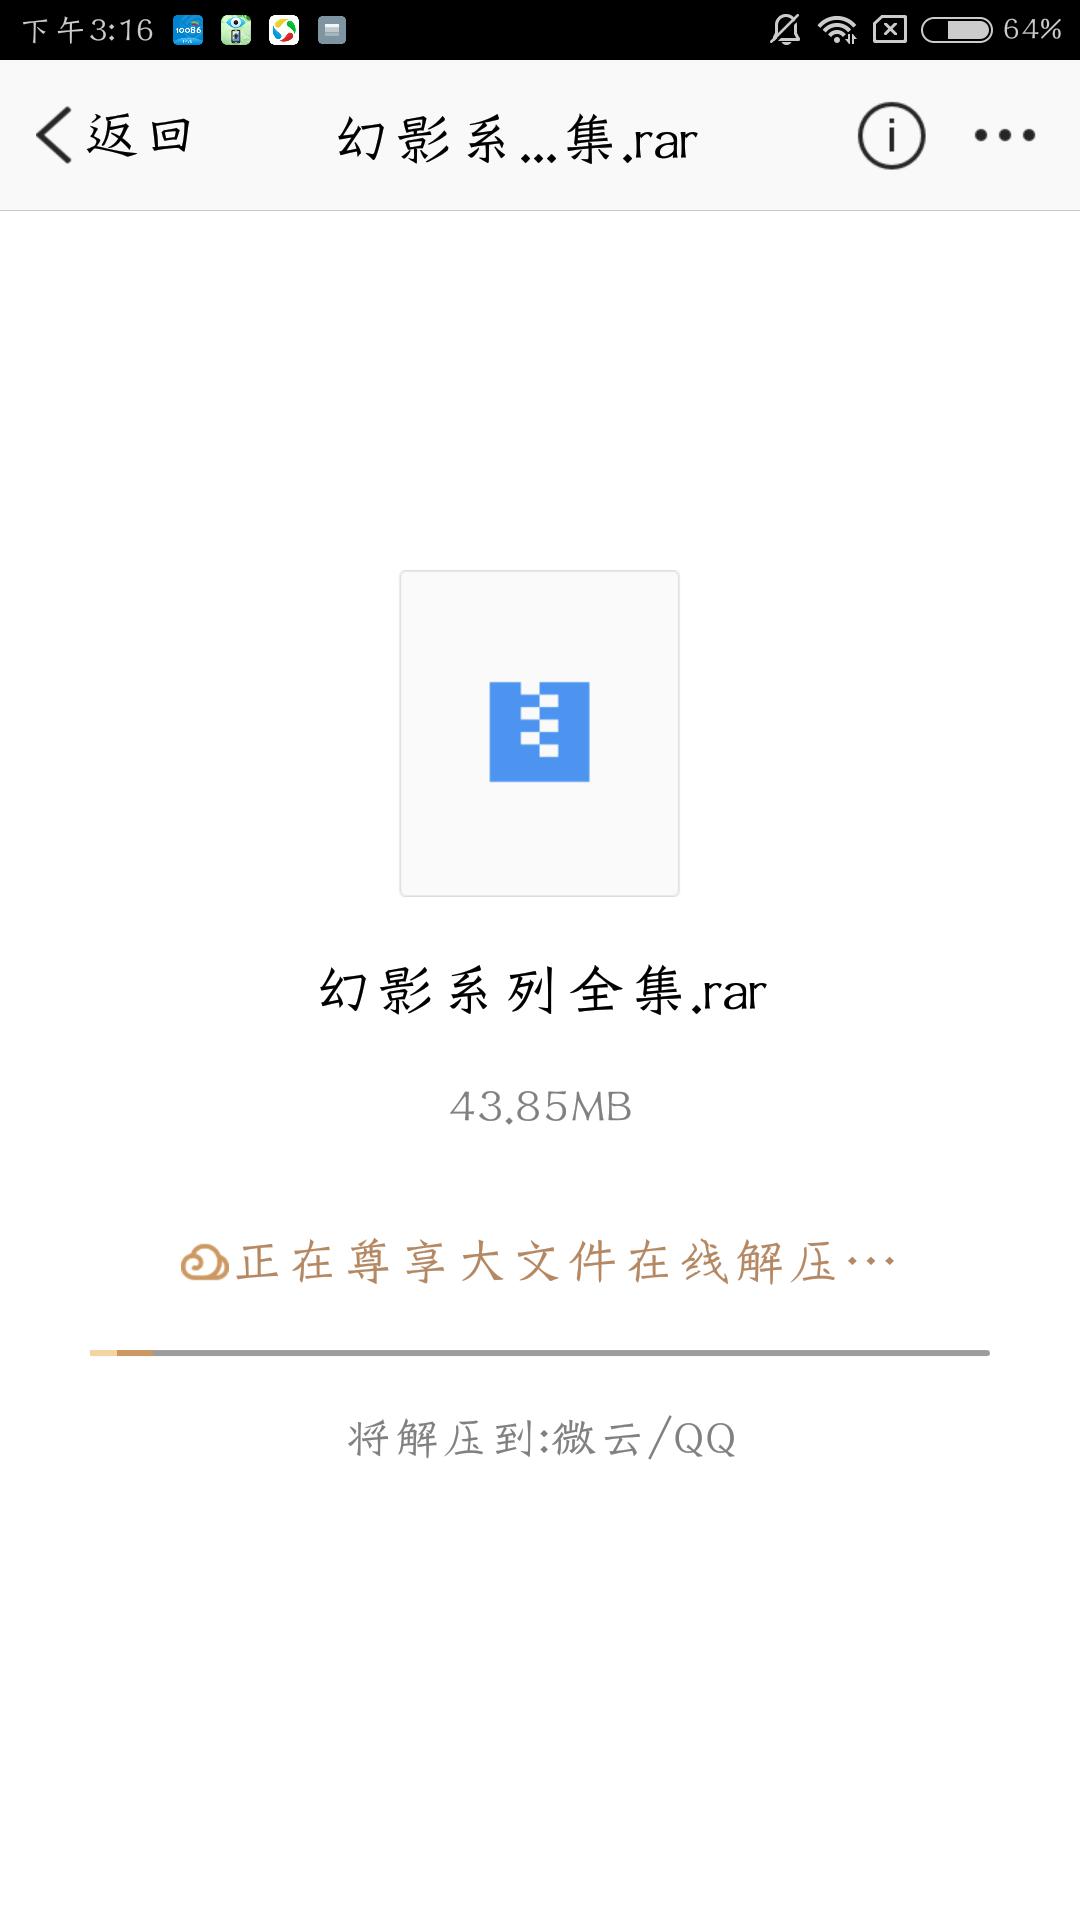 腾讯微云最新可用破解版 支持解压文件